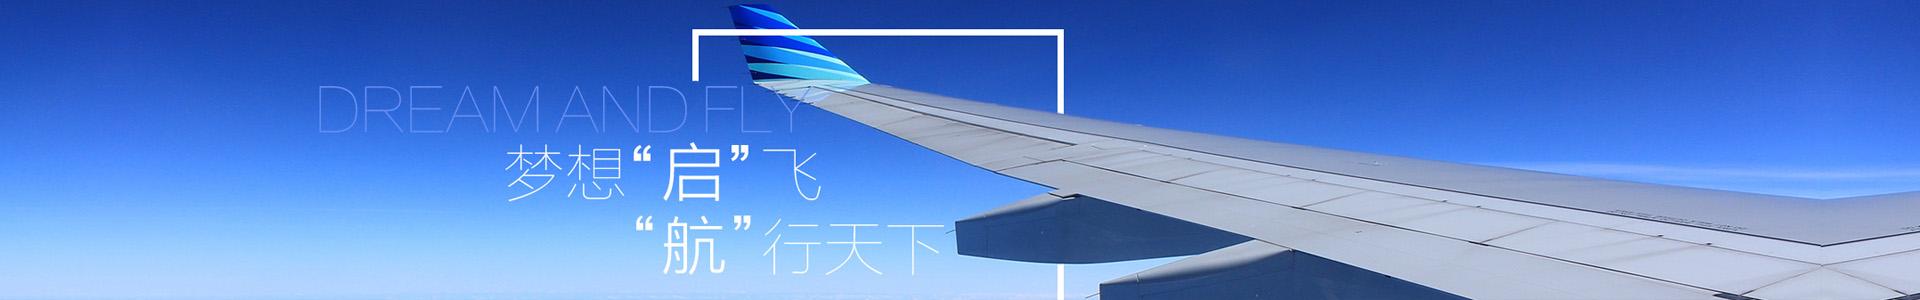 重庆启航航空